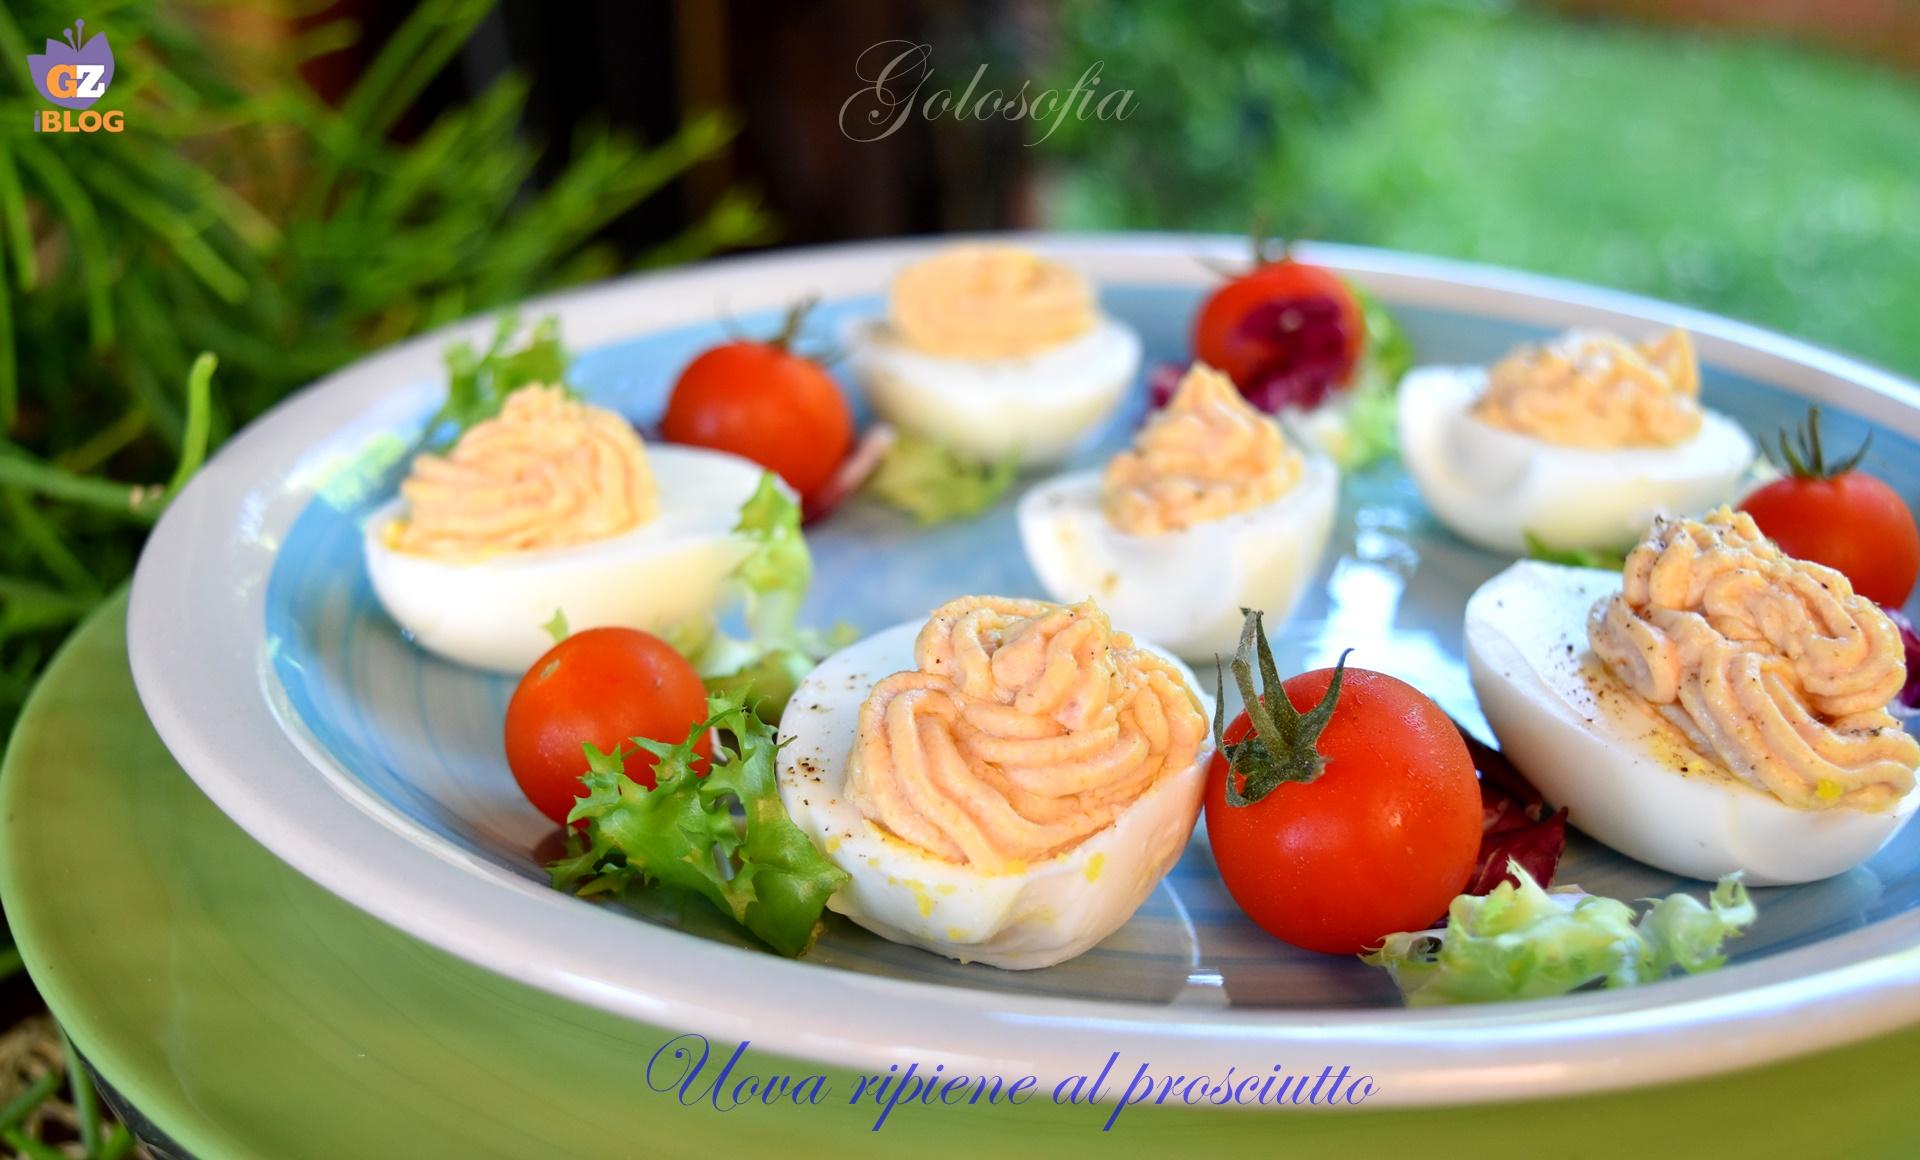 Uova ripiene al prosciutto, ricetta antipasti